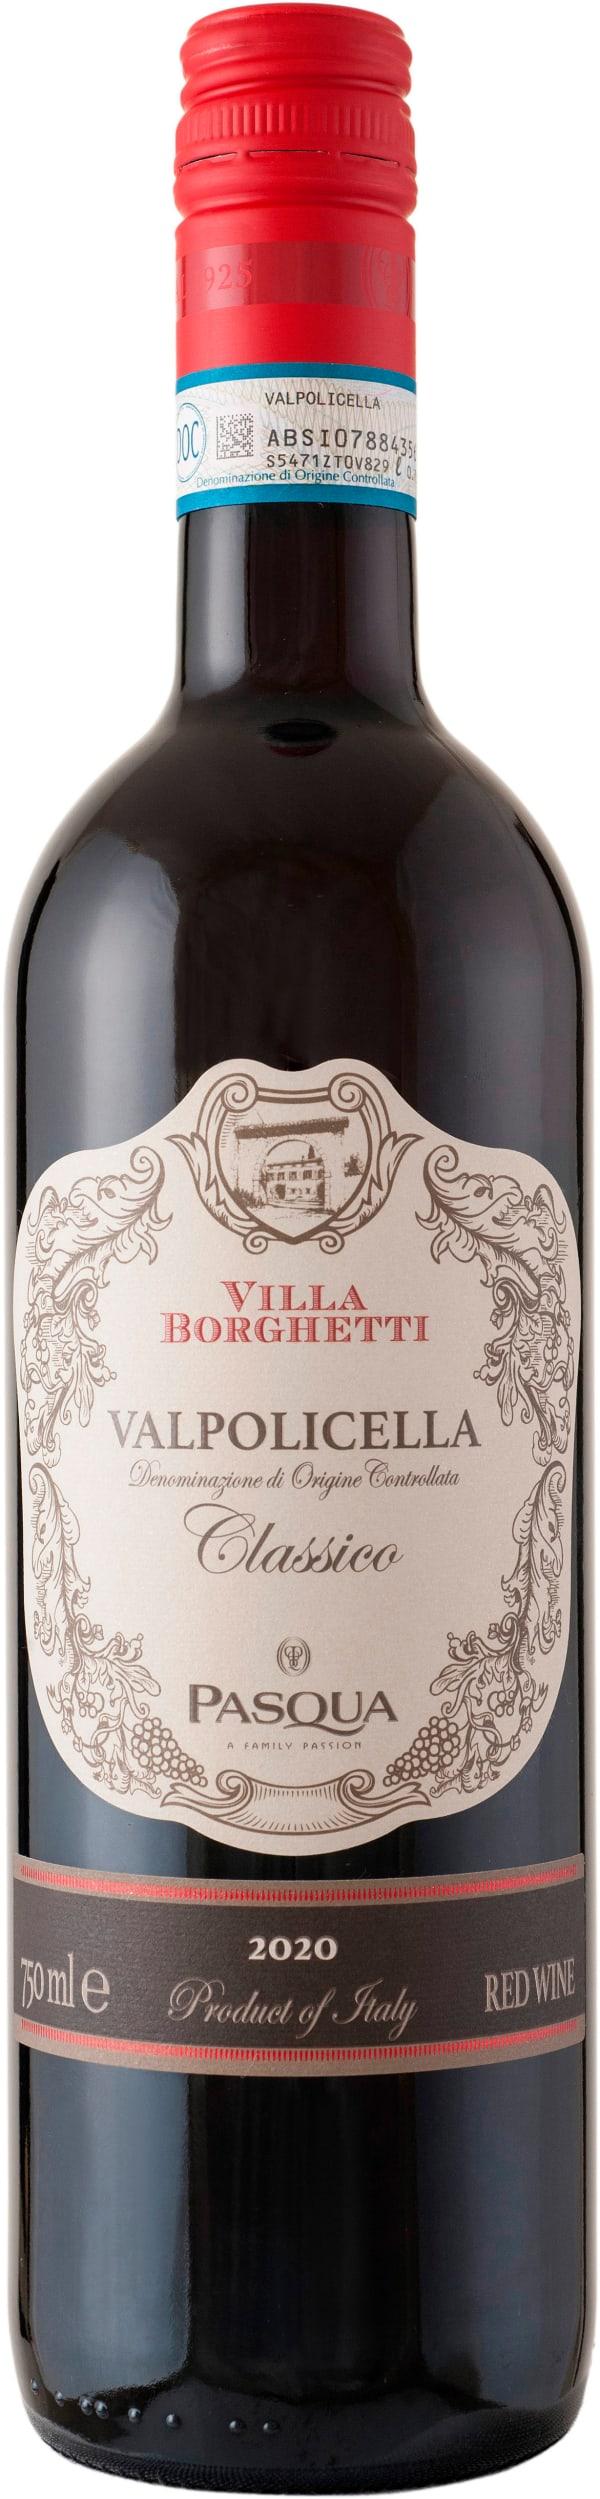 Pasqua Villa Borghetti Valpolicella Classico 2018